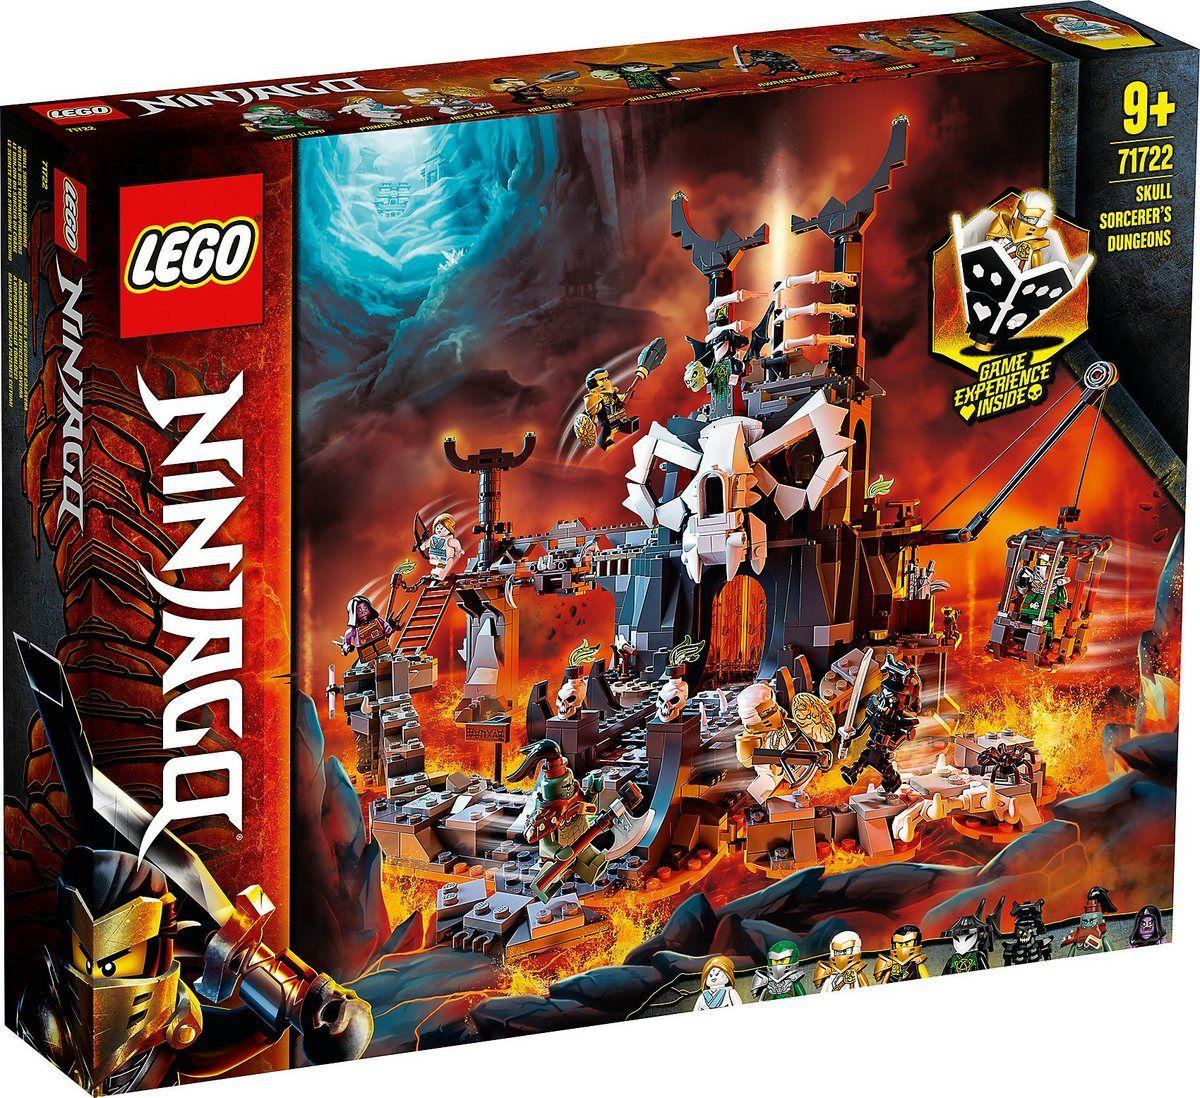 LEGO® Konstruktionsspielsteine »Verlies des Totenkopfmagiers (71722), LEGO®  NINJAGO®«, (1171 St), auch als Brettspiel verwendbar, Made in Europe online  kaufen |… | Lego ninjago figuren, Lego ninjago, Lego